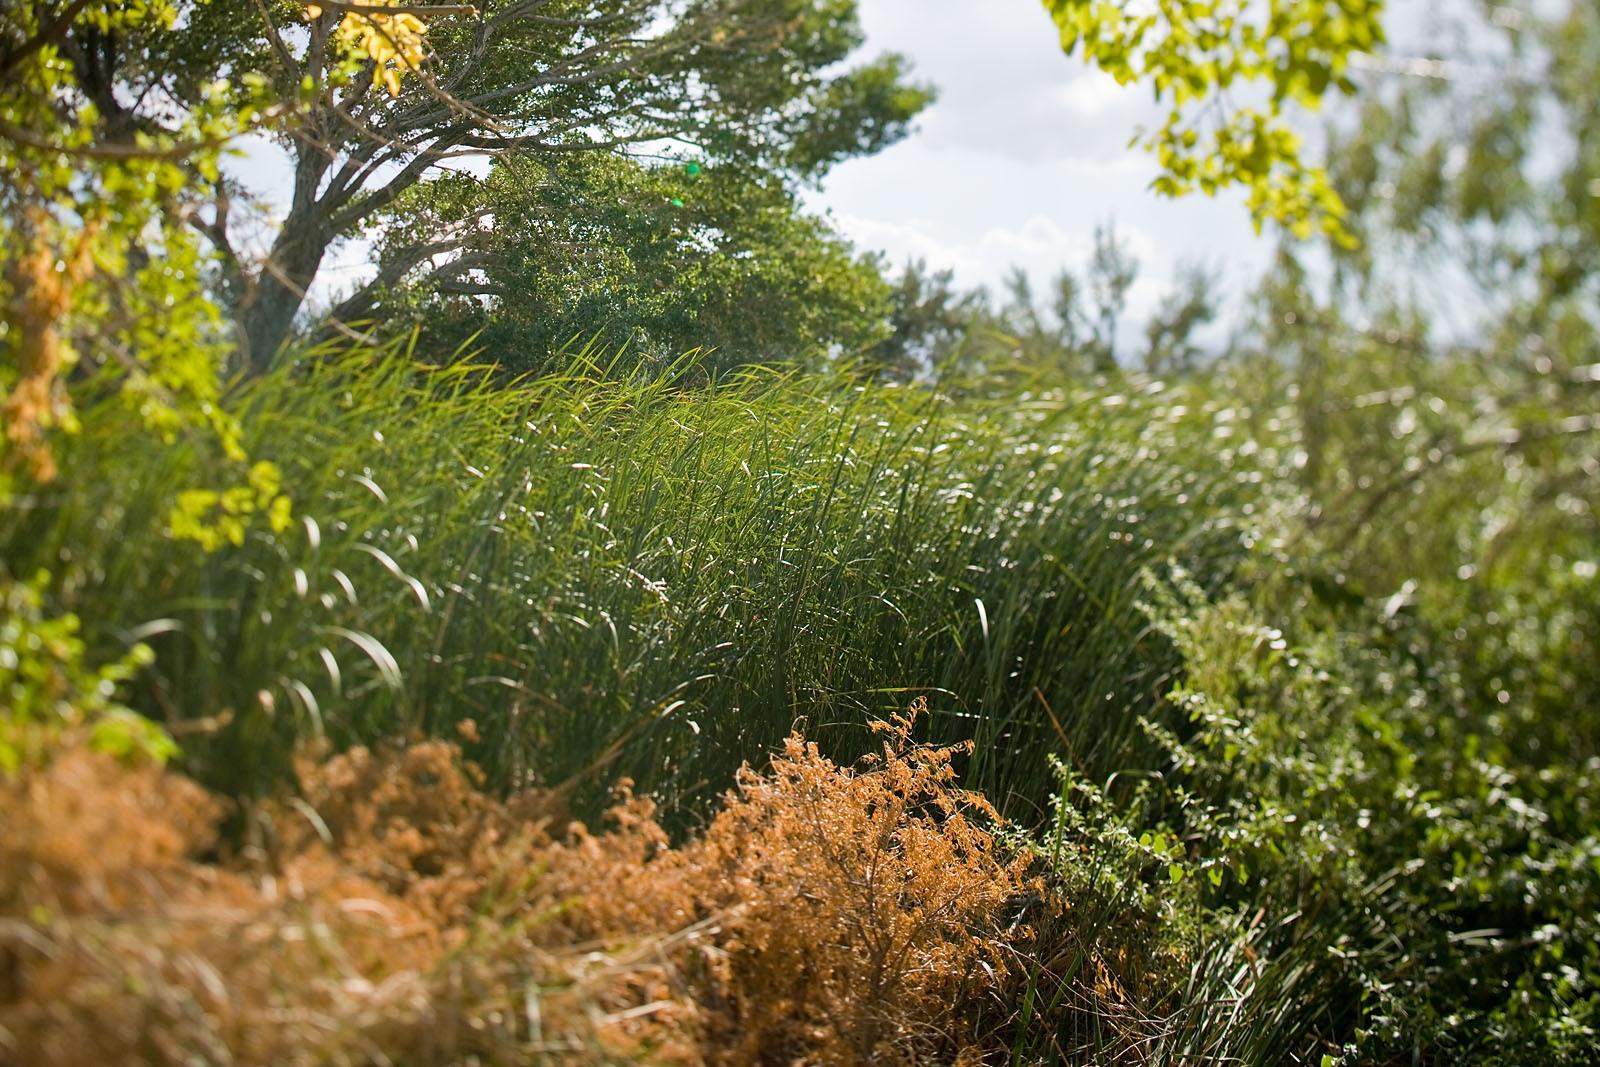 BSFAimages Scenic Landscape Vistas Q4G9855